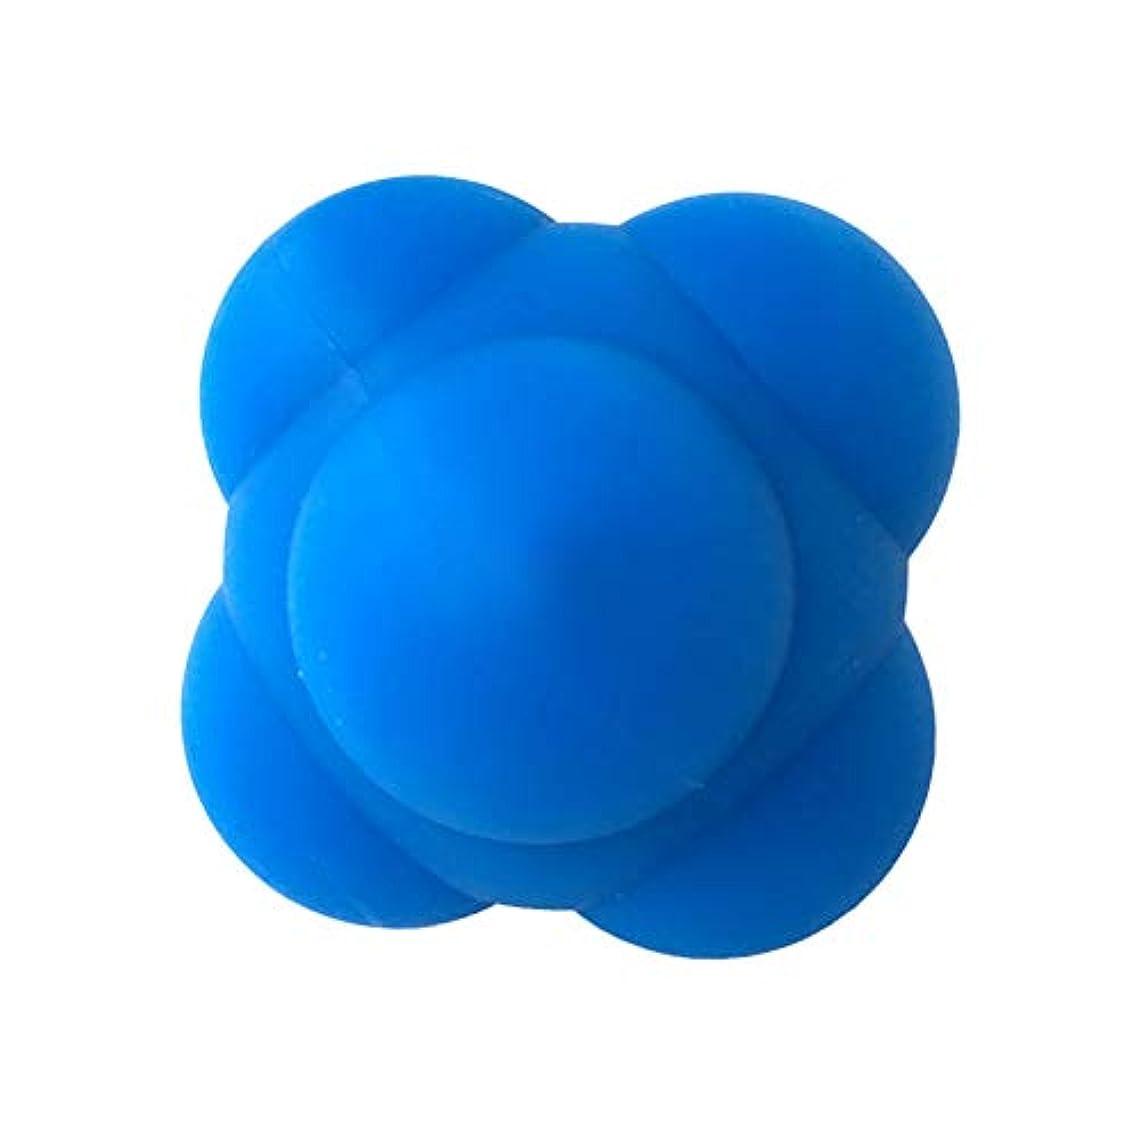 騒乱ウール習熟度Healifty 体の管理ボールスポーツシリコン六角形のボールソリッドフィットネストレーニングエクササイズリアクションボール素早さと敏捷性トレーニングボール6cm(青)